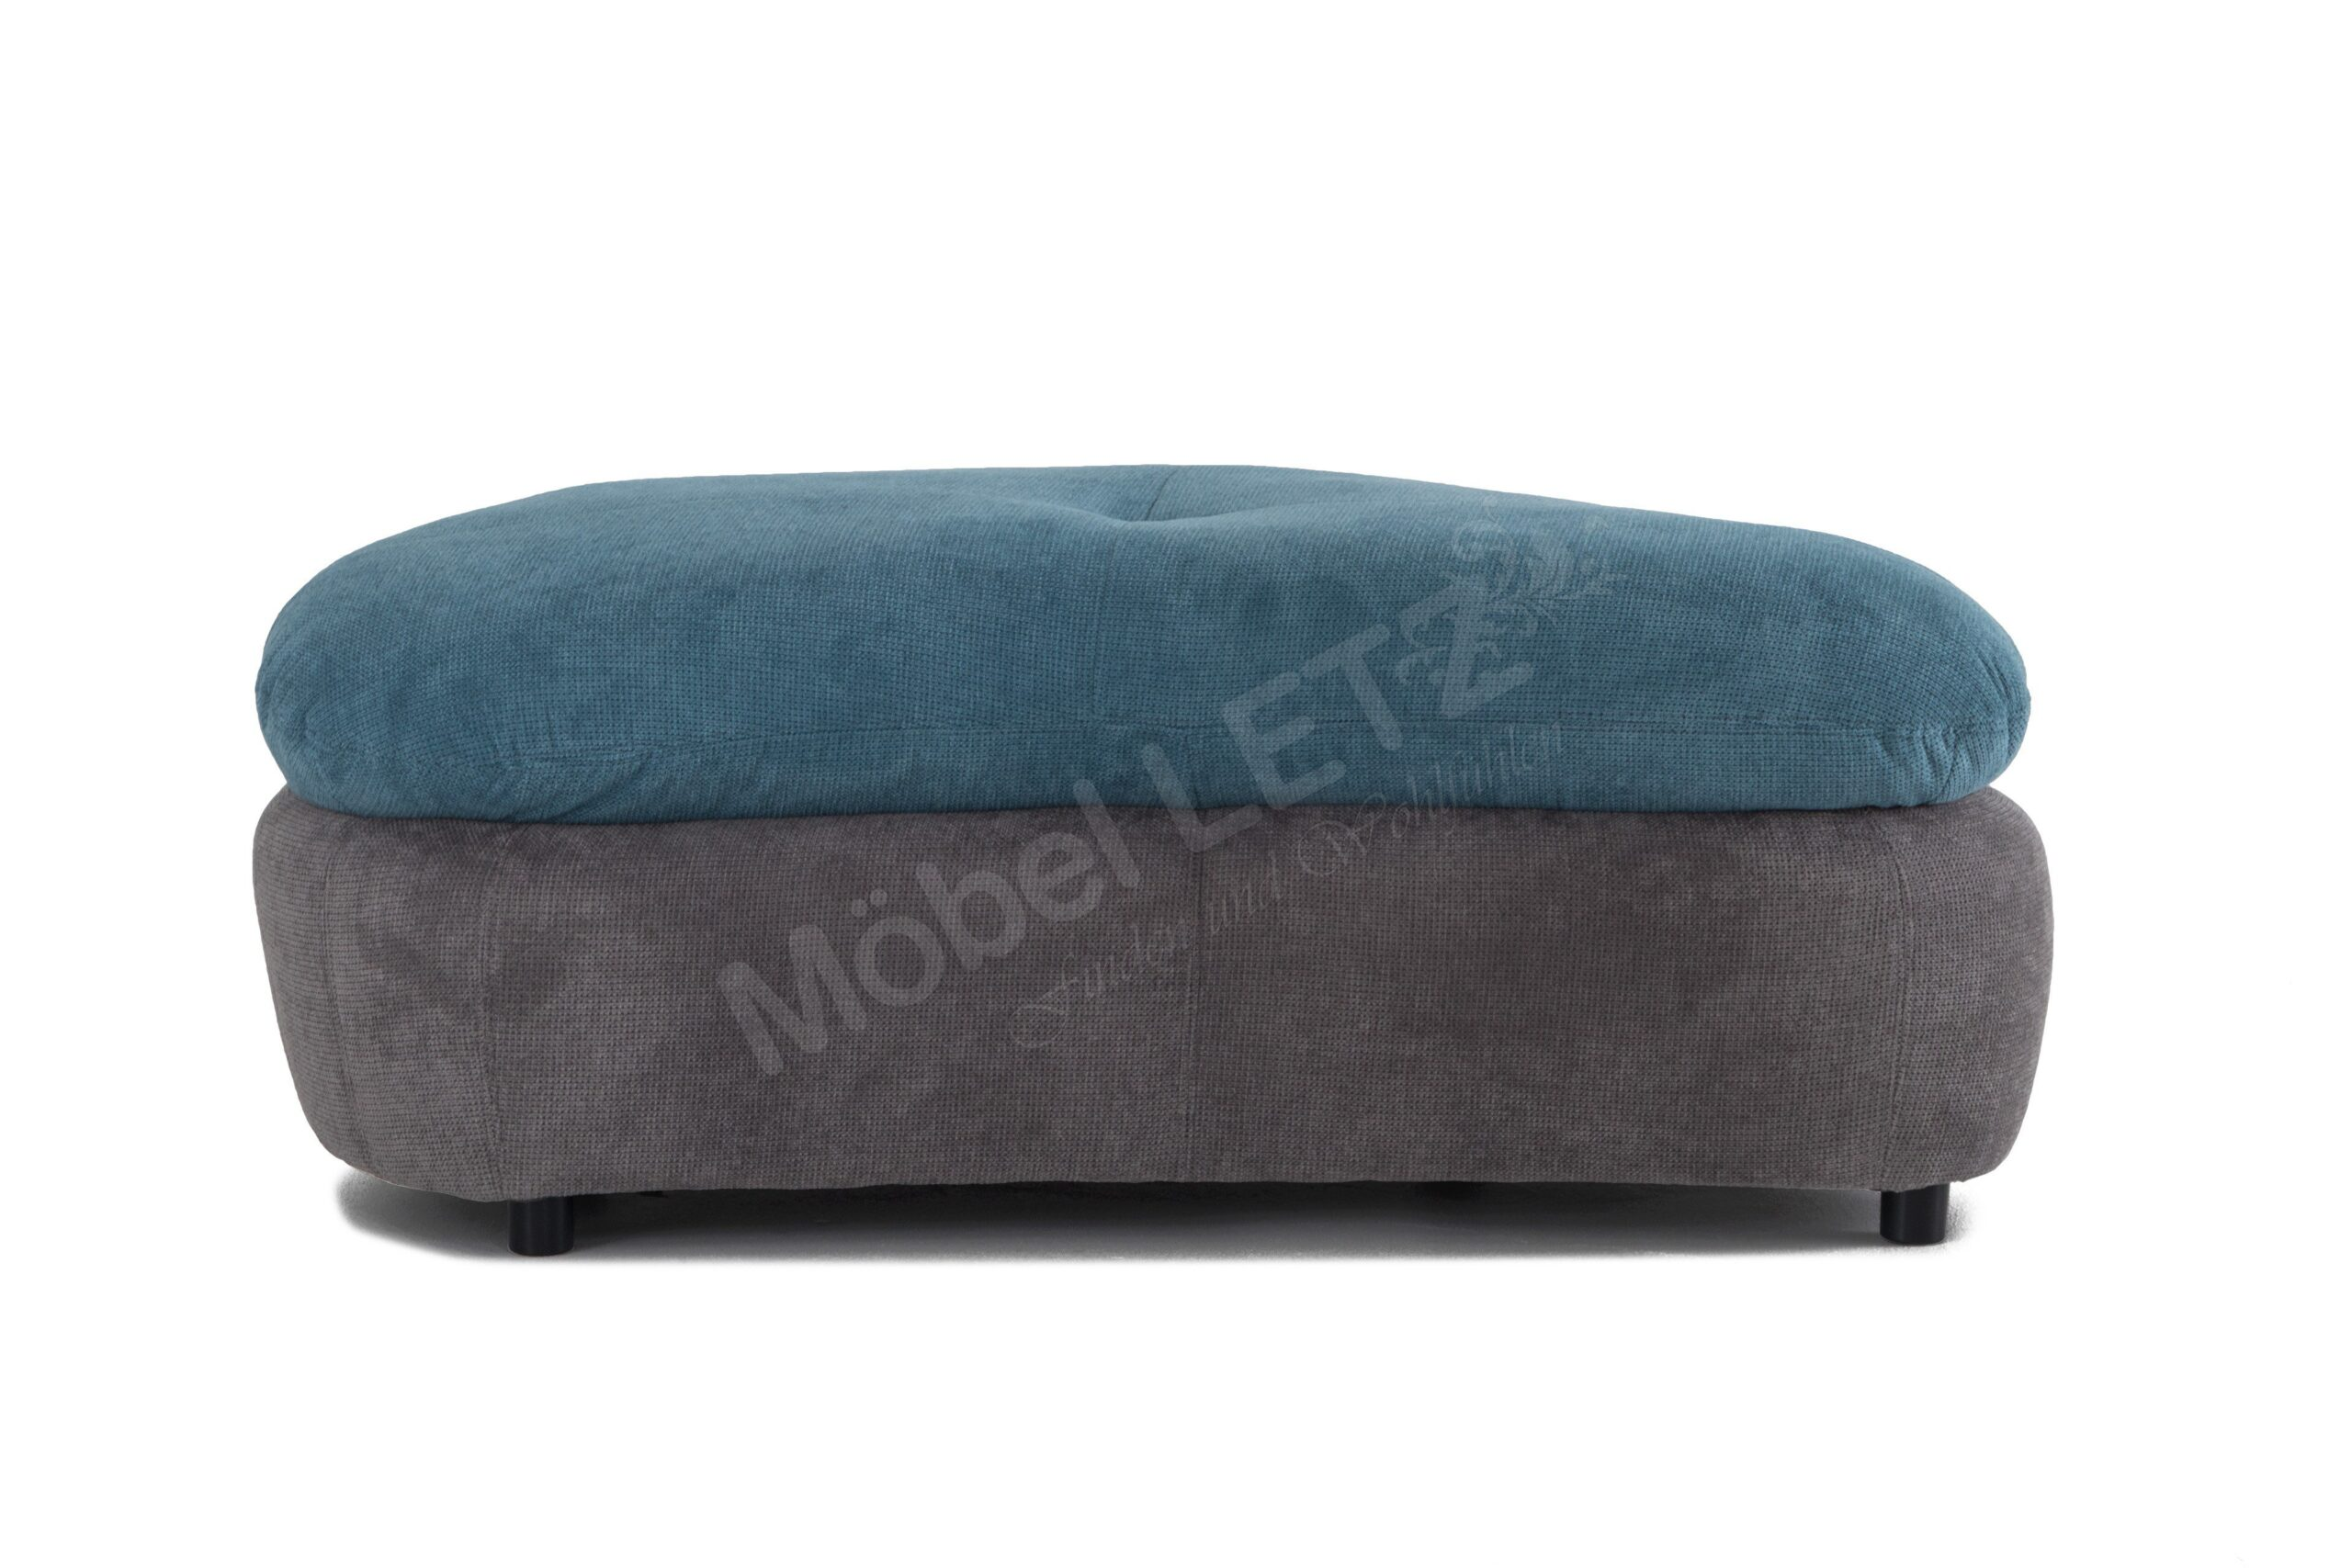 Full Size of Megasofa Aruba Ii Von Cotta Xxl Sofa Stone Sofas Couches Online Kaufen Wohnzimmer Megasofa Aruba